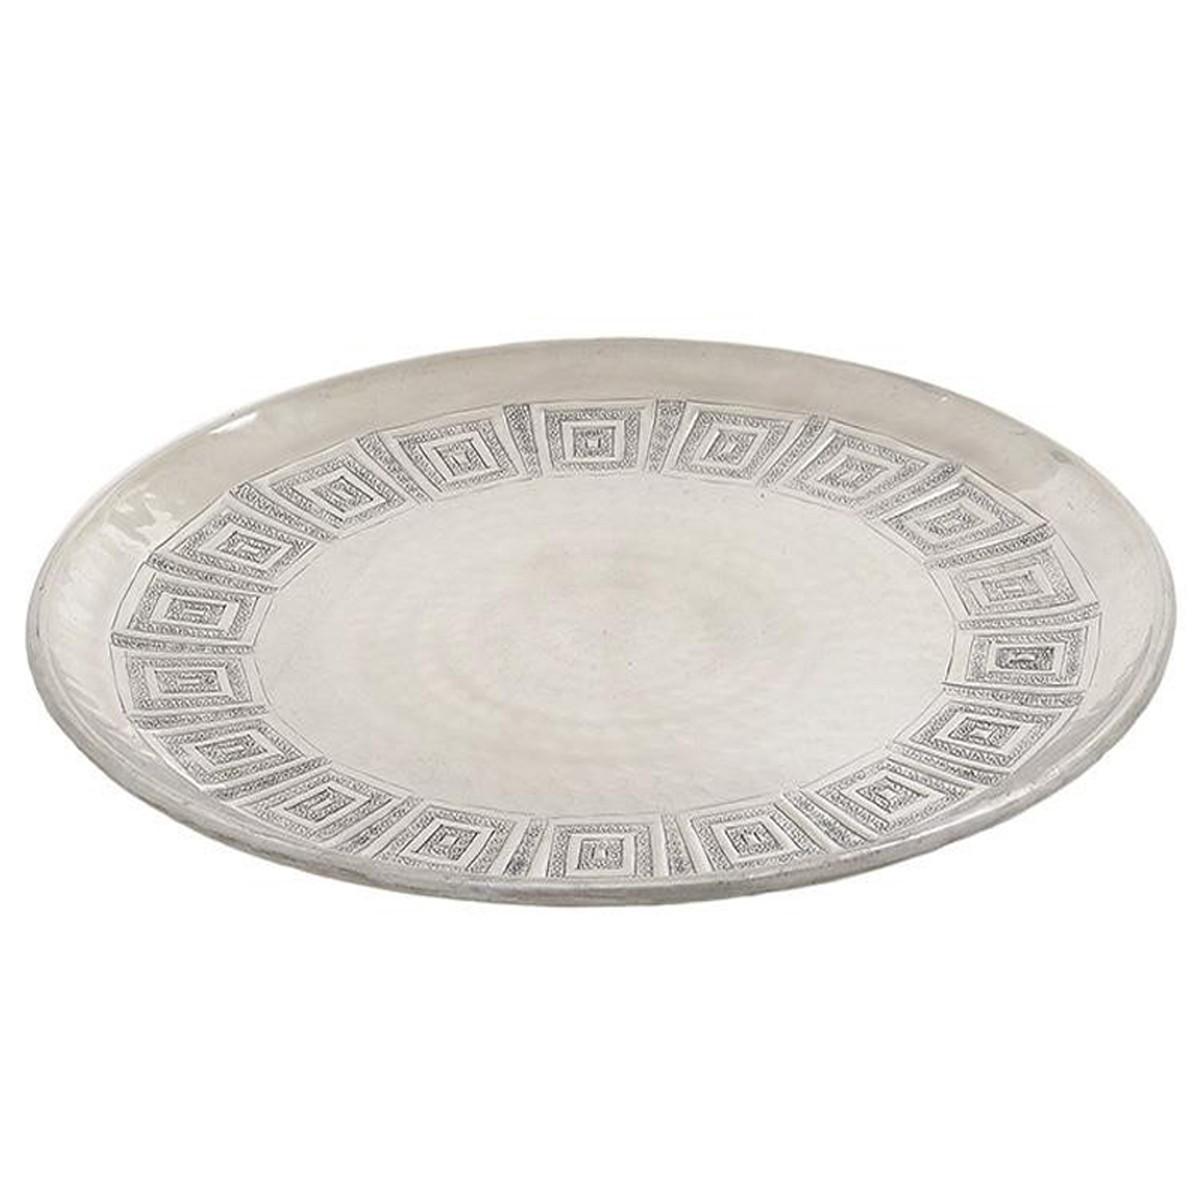 Πιατέλα Διακόσμησης InArt 3-70-581-0009